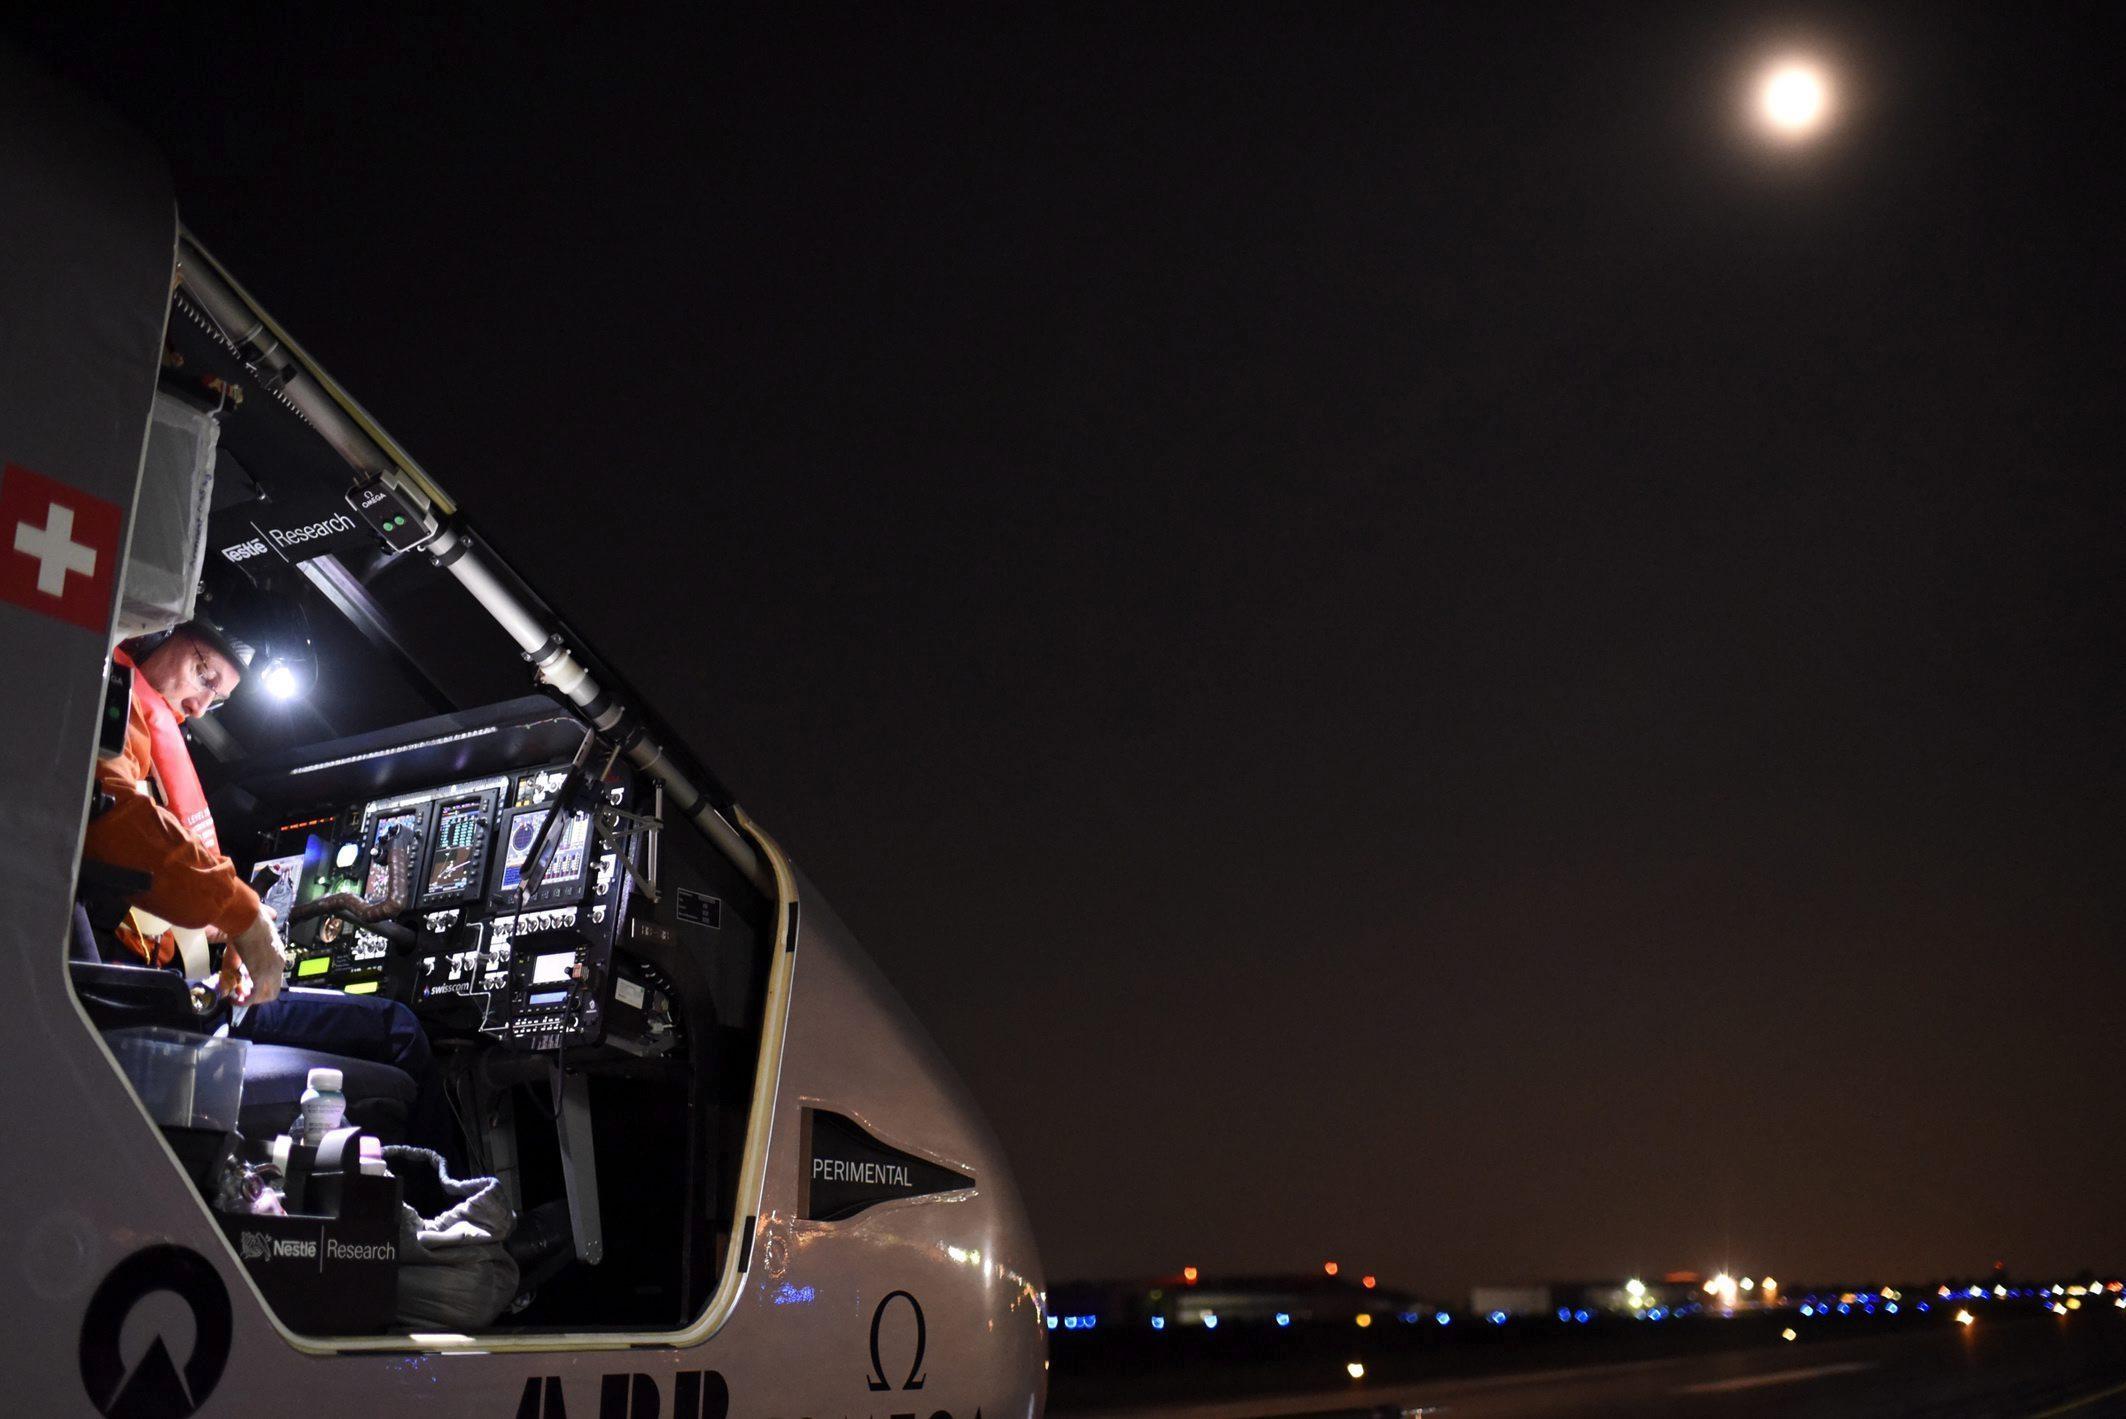 USA02 DAYTON (ESTADOS UNIDOS) 25/05/2016.- Fotografía facilitada por Solar Impulse II a través de Global Newsroom hoy, 25 de mayo de 2016, muestra al suizo Bertrand Piccar mientras prepara el lanzamiento del avión antes de su despegue en Dayton, Ohio. El despegue del avión Solar Impulse II, que da la vuelta al mundo únicamente con energía captada del sol para demostrar la potencialidad de las energías renovables, se efectuó tras un aplazamiento decidido en la víspera por un desperfecto en el sistema que mantenía inflado su hangar móvil. EFE/Christophe Chammartin/Rezo / Han SÓLO USO EDITORIAL